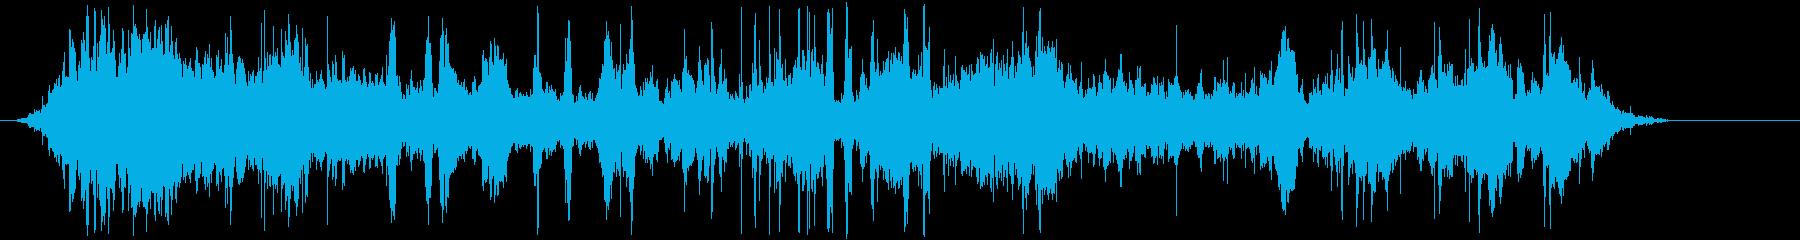 エルロシオベルズブラザーフッドの再生済みの波形